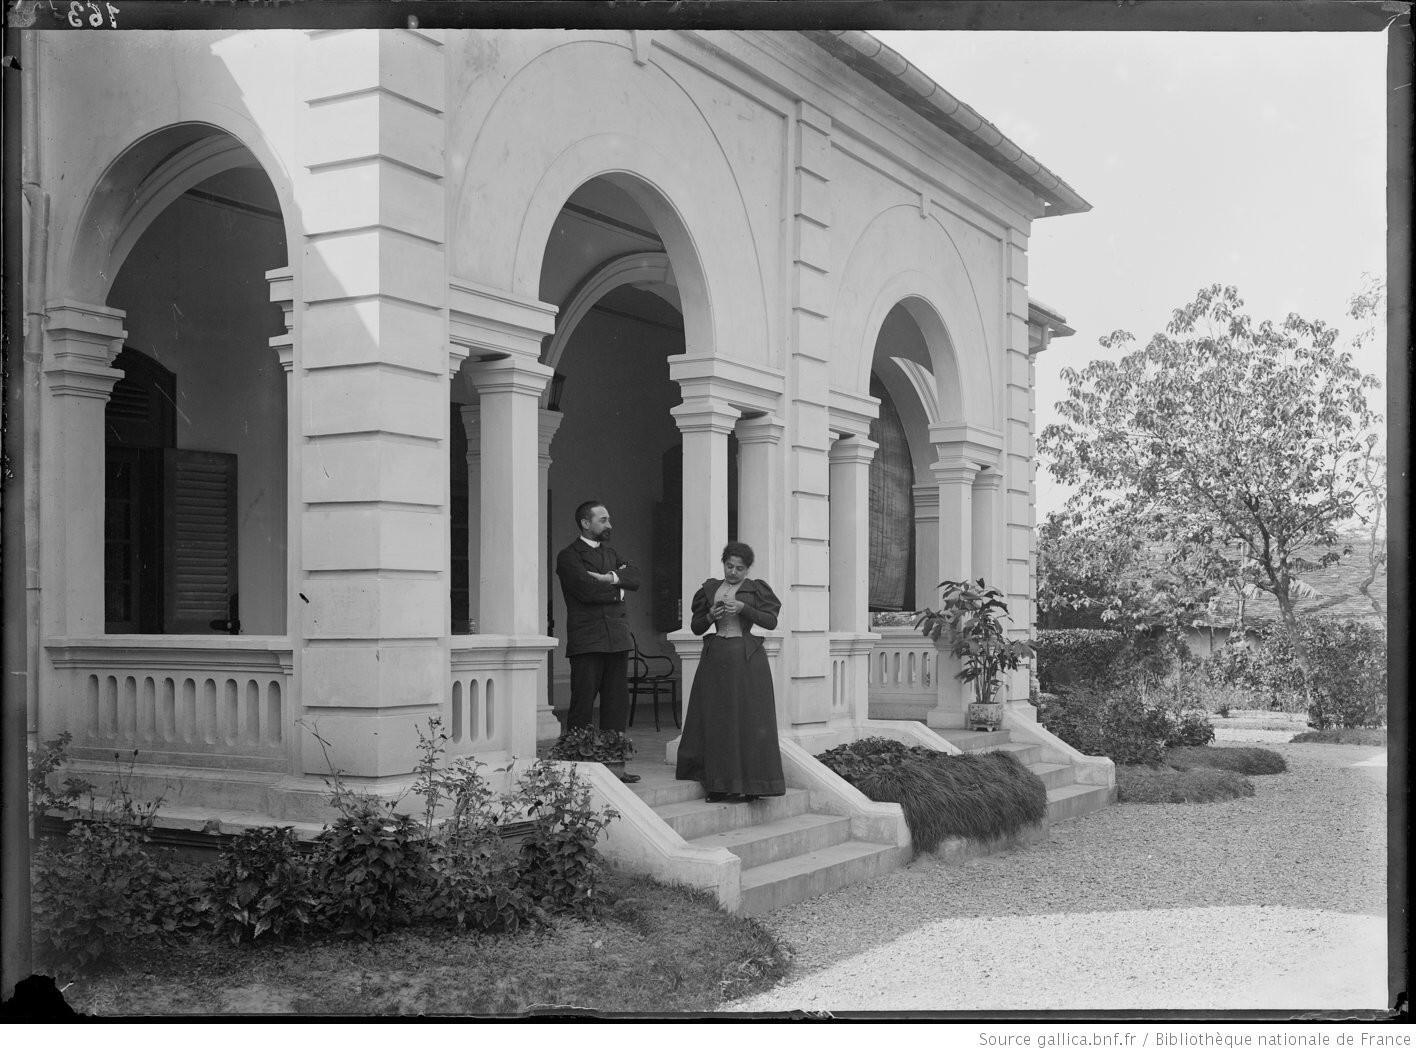 Dinh thự tại Hà Nội của Lucien Faure, chánh văn phòng toàn quyền Paul Doumer. Ảnh chụp năm 1898.